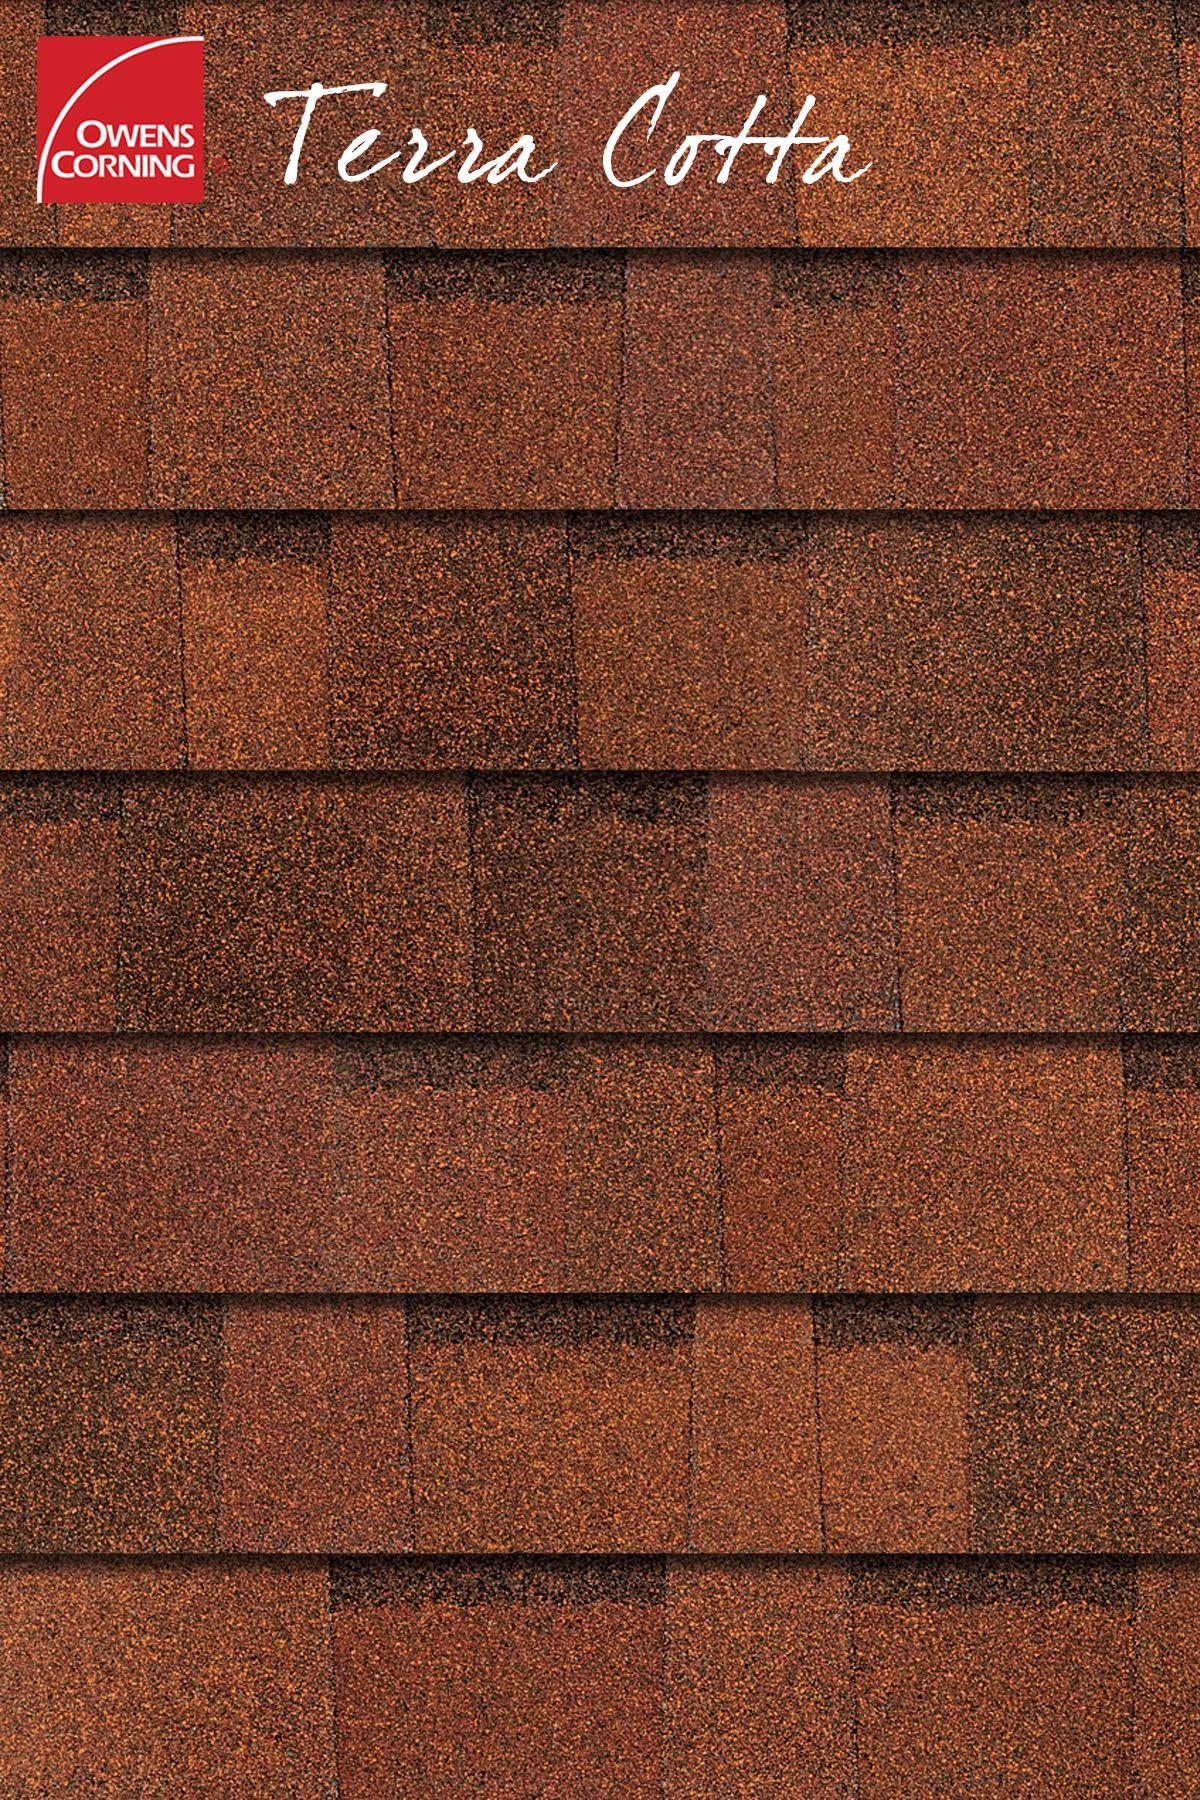 home depot shingles on terra cotta trudefinition duration shingles roof shingle colors roof shingles shingle colors roof shingles